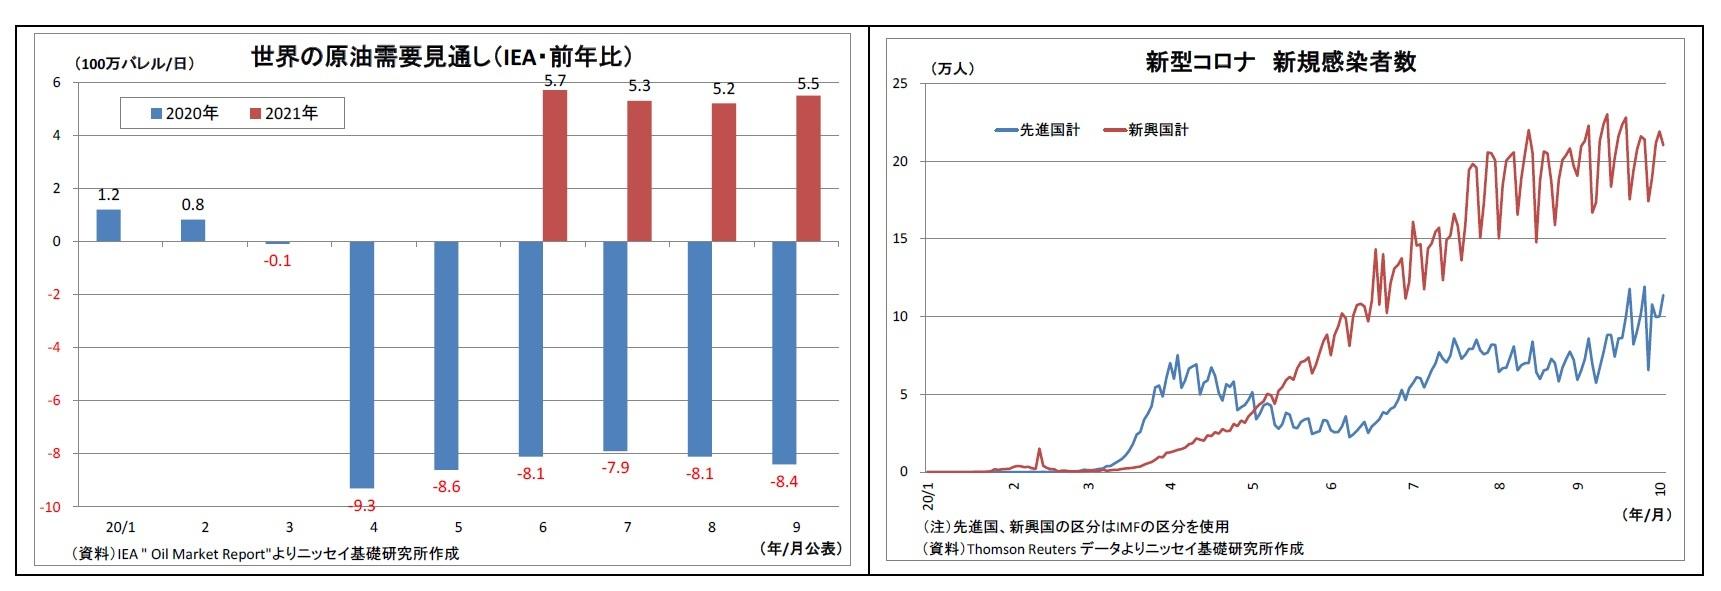 世界の原油需要見通し(IEA・前年比)/新型コロナ新規感染者数